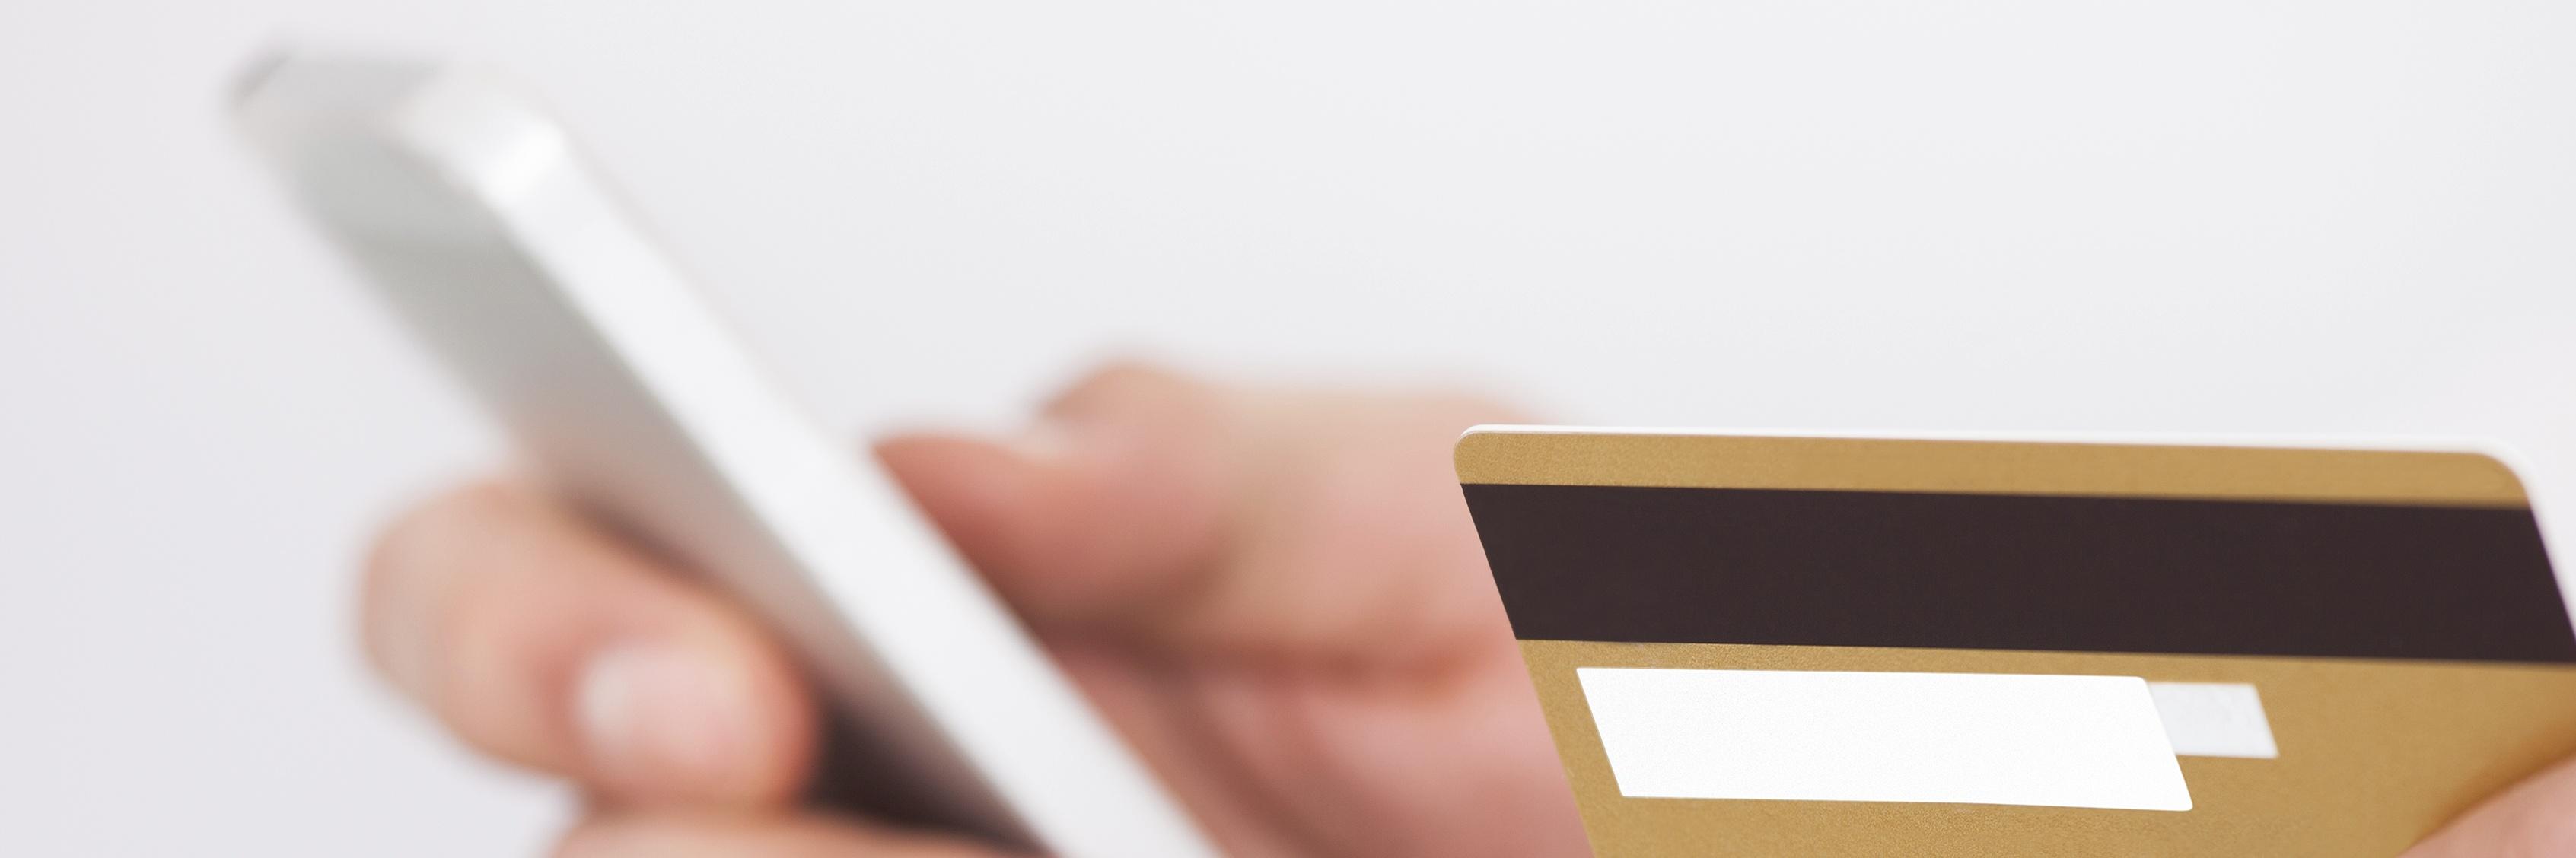 carte de crédit et téléphone